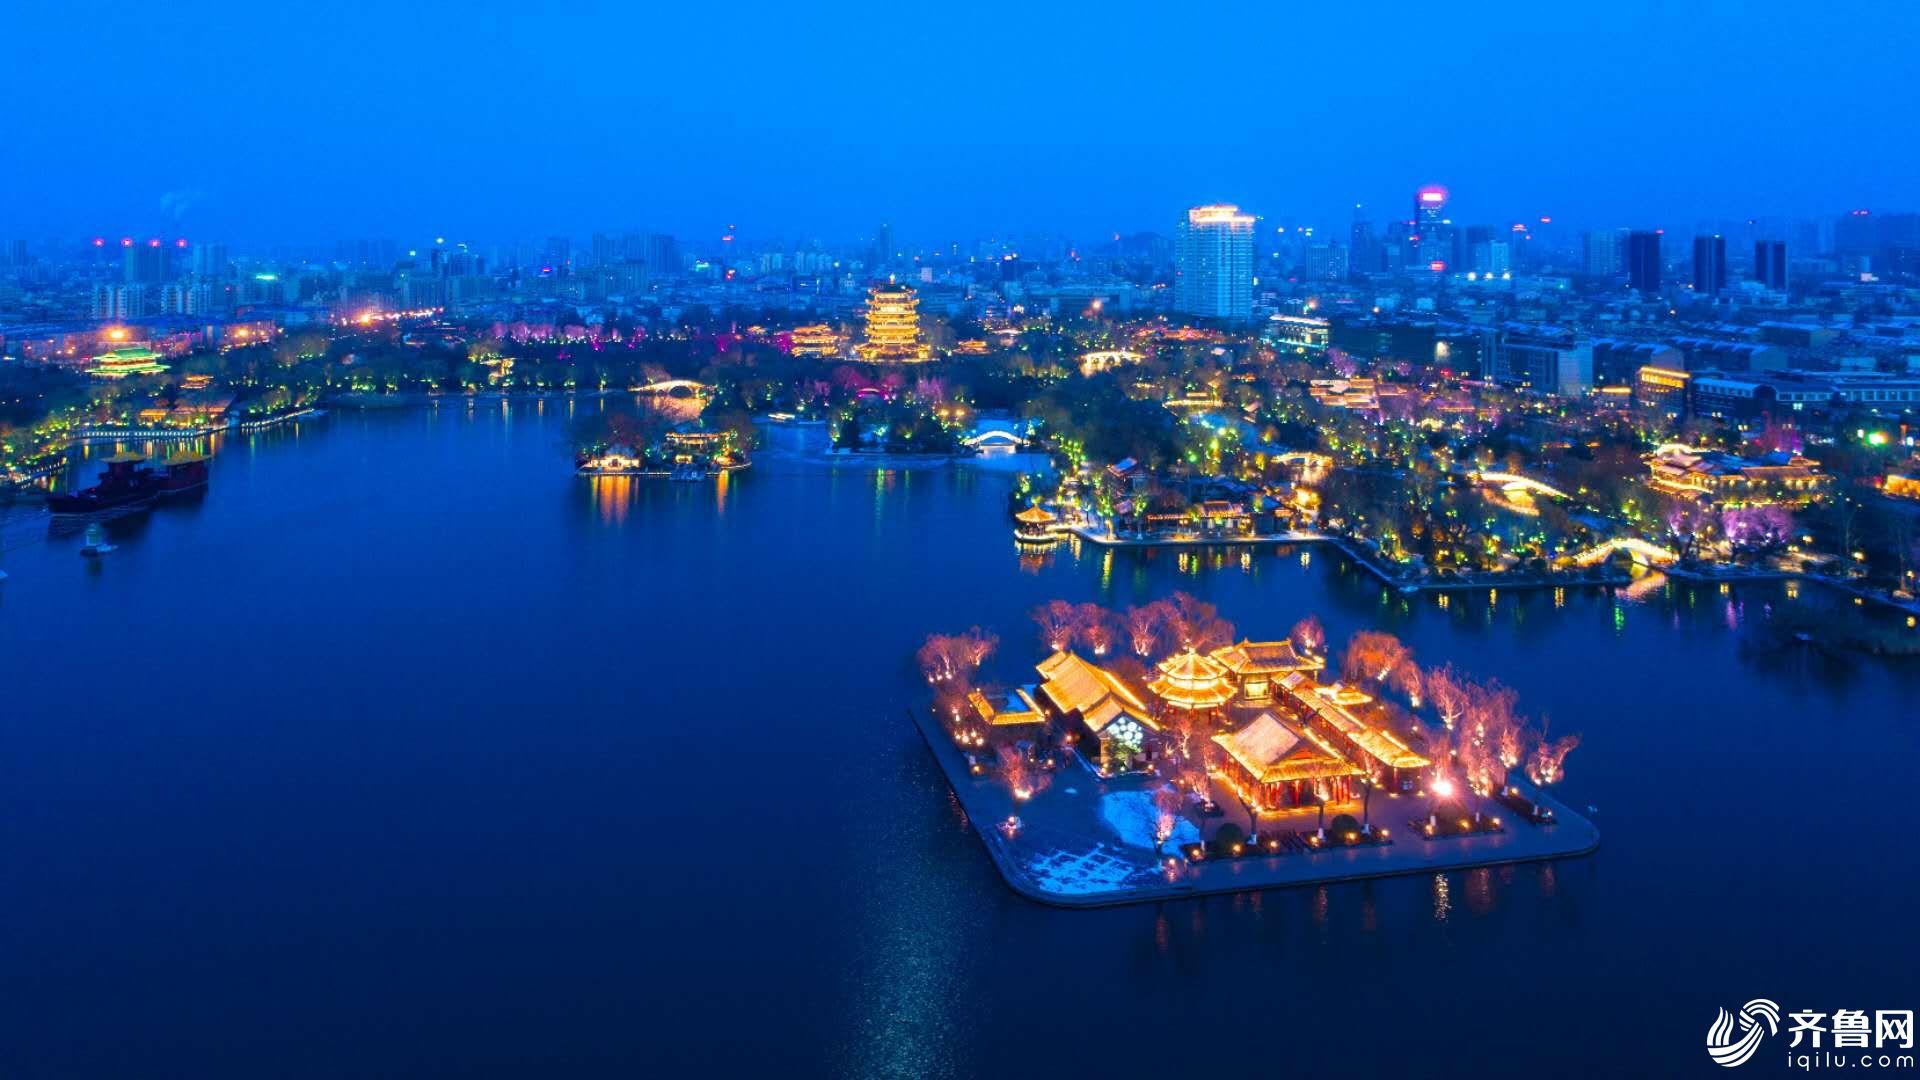 1月29日,济南大明湖夜景,华灯放,残雪映彩光,灯光灿烂辉煌,别有韵味.